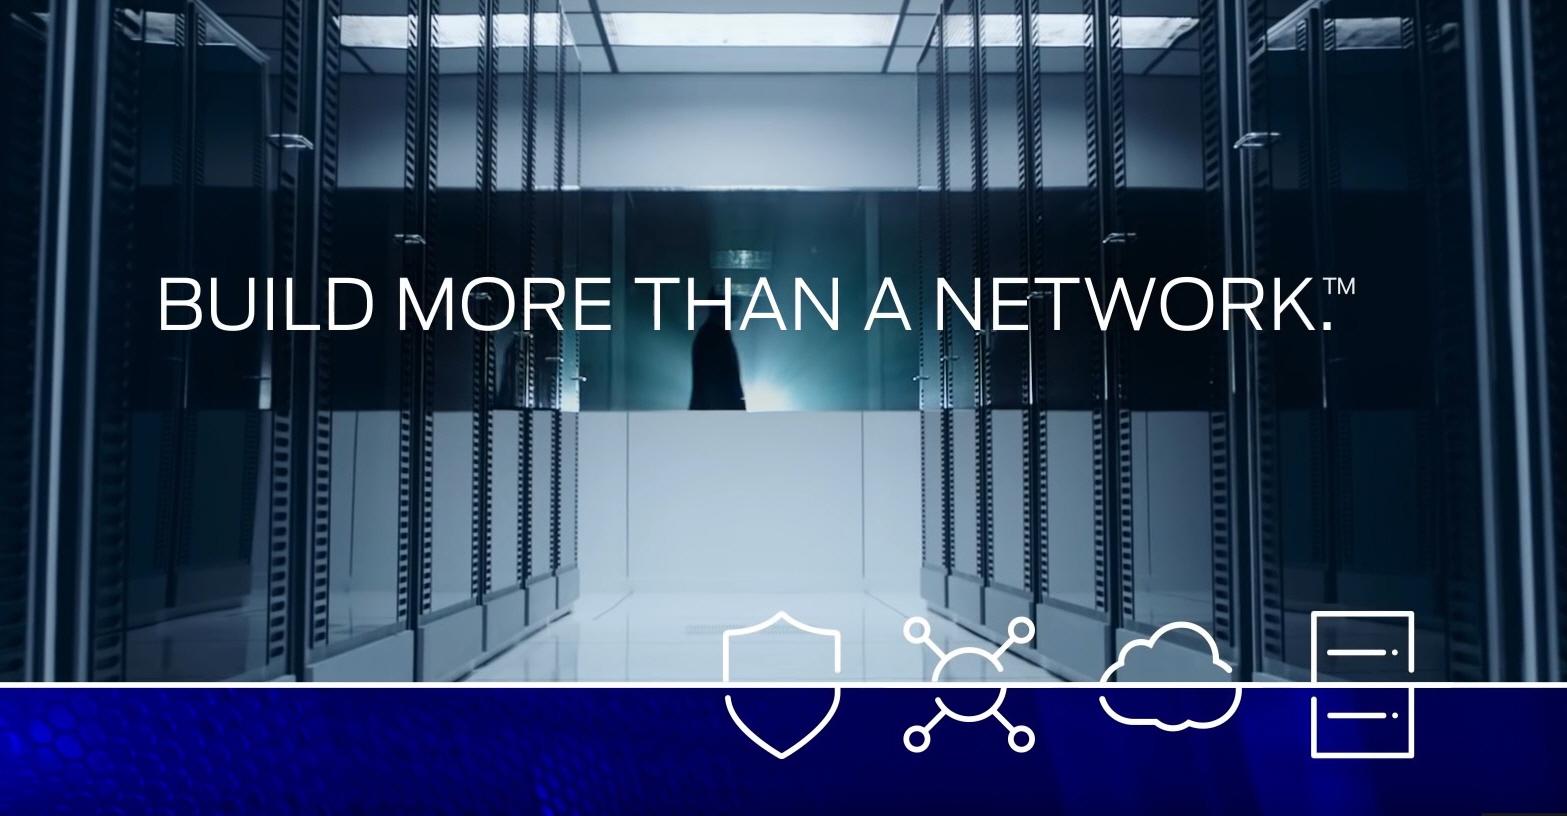 디지털 금융시대 '활짝', 금융 비즈니스 혁신 지원하는 네트워크 전략은